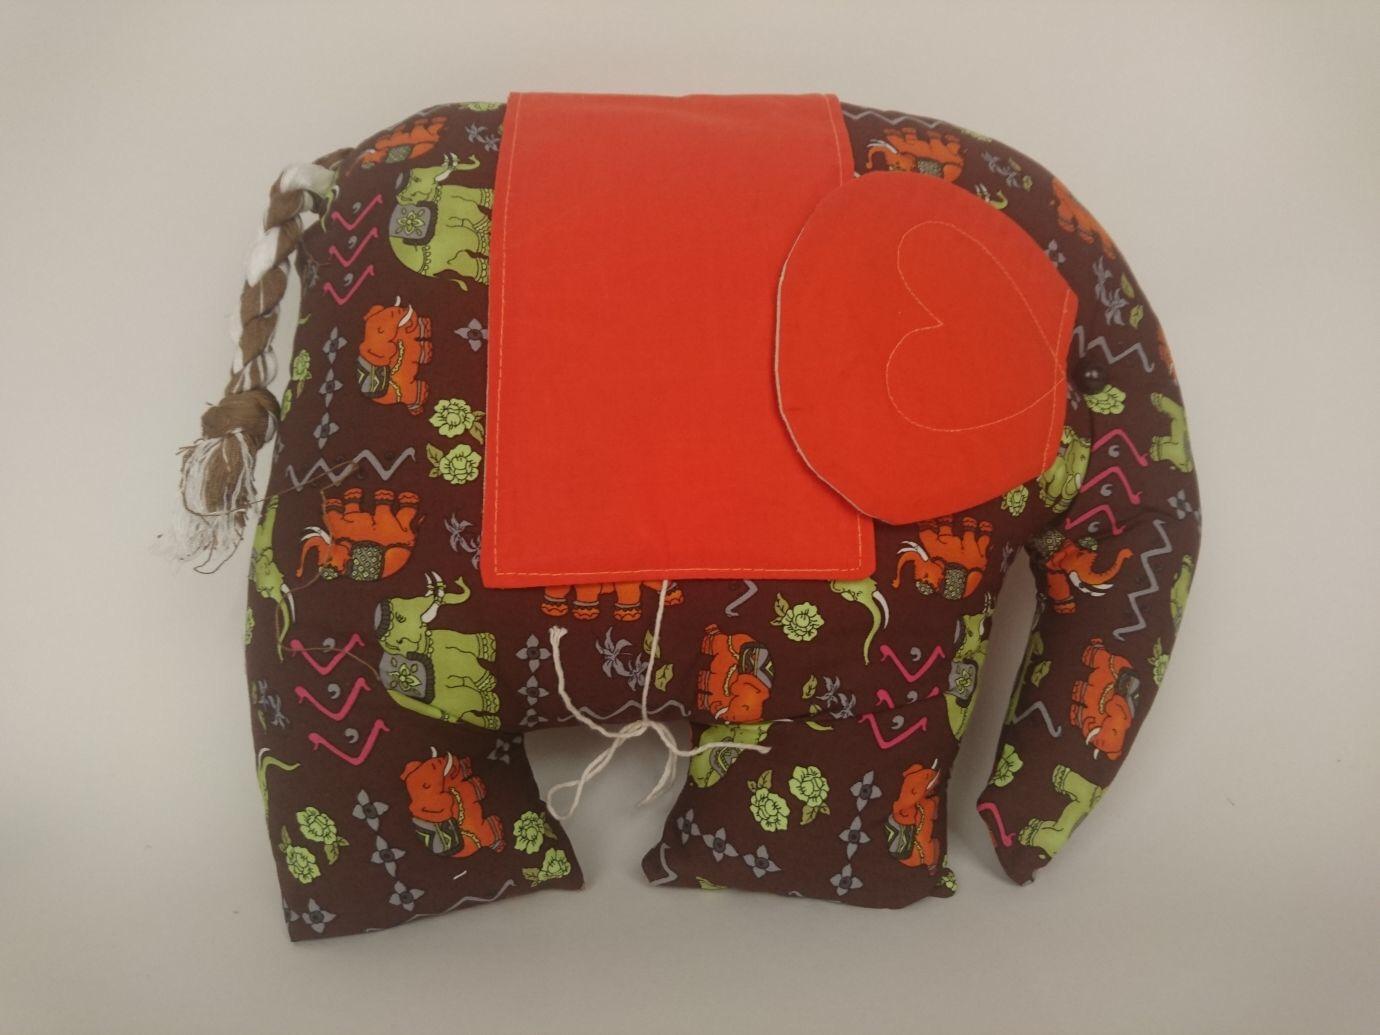 Kinderen product categorie n zus zo oostburg unieke cadeau 39 s vindt u hier page 4 - Kussen oranje en bruin ...